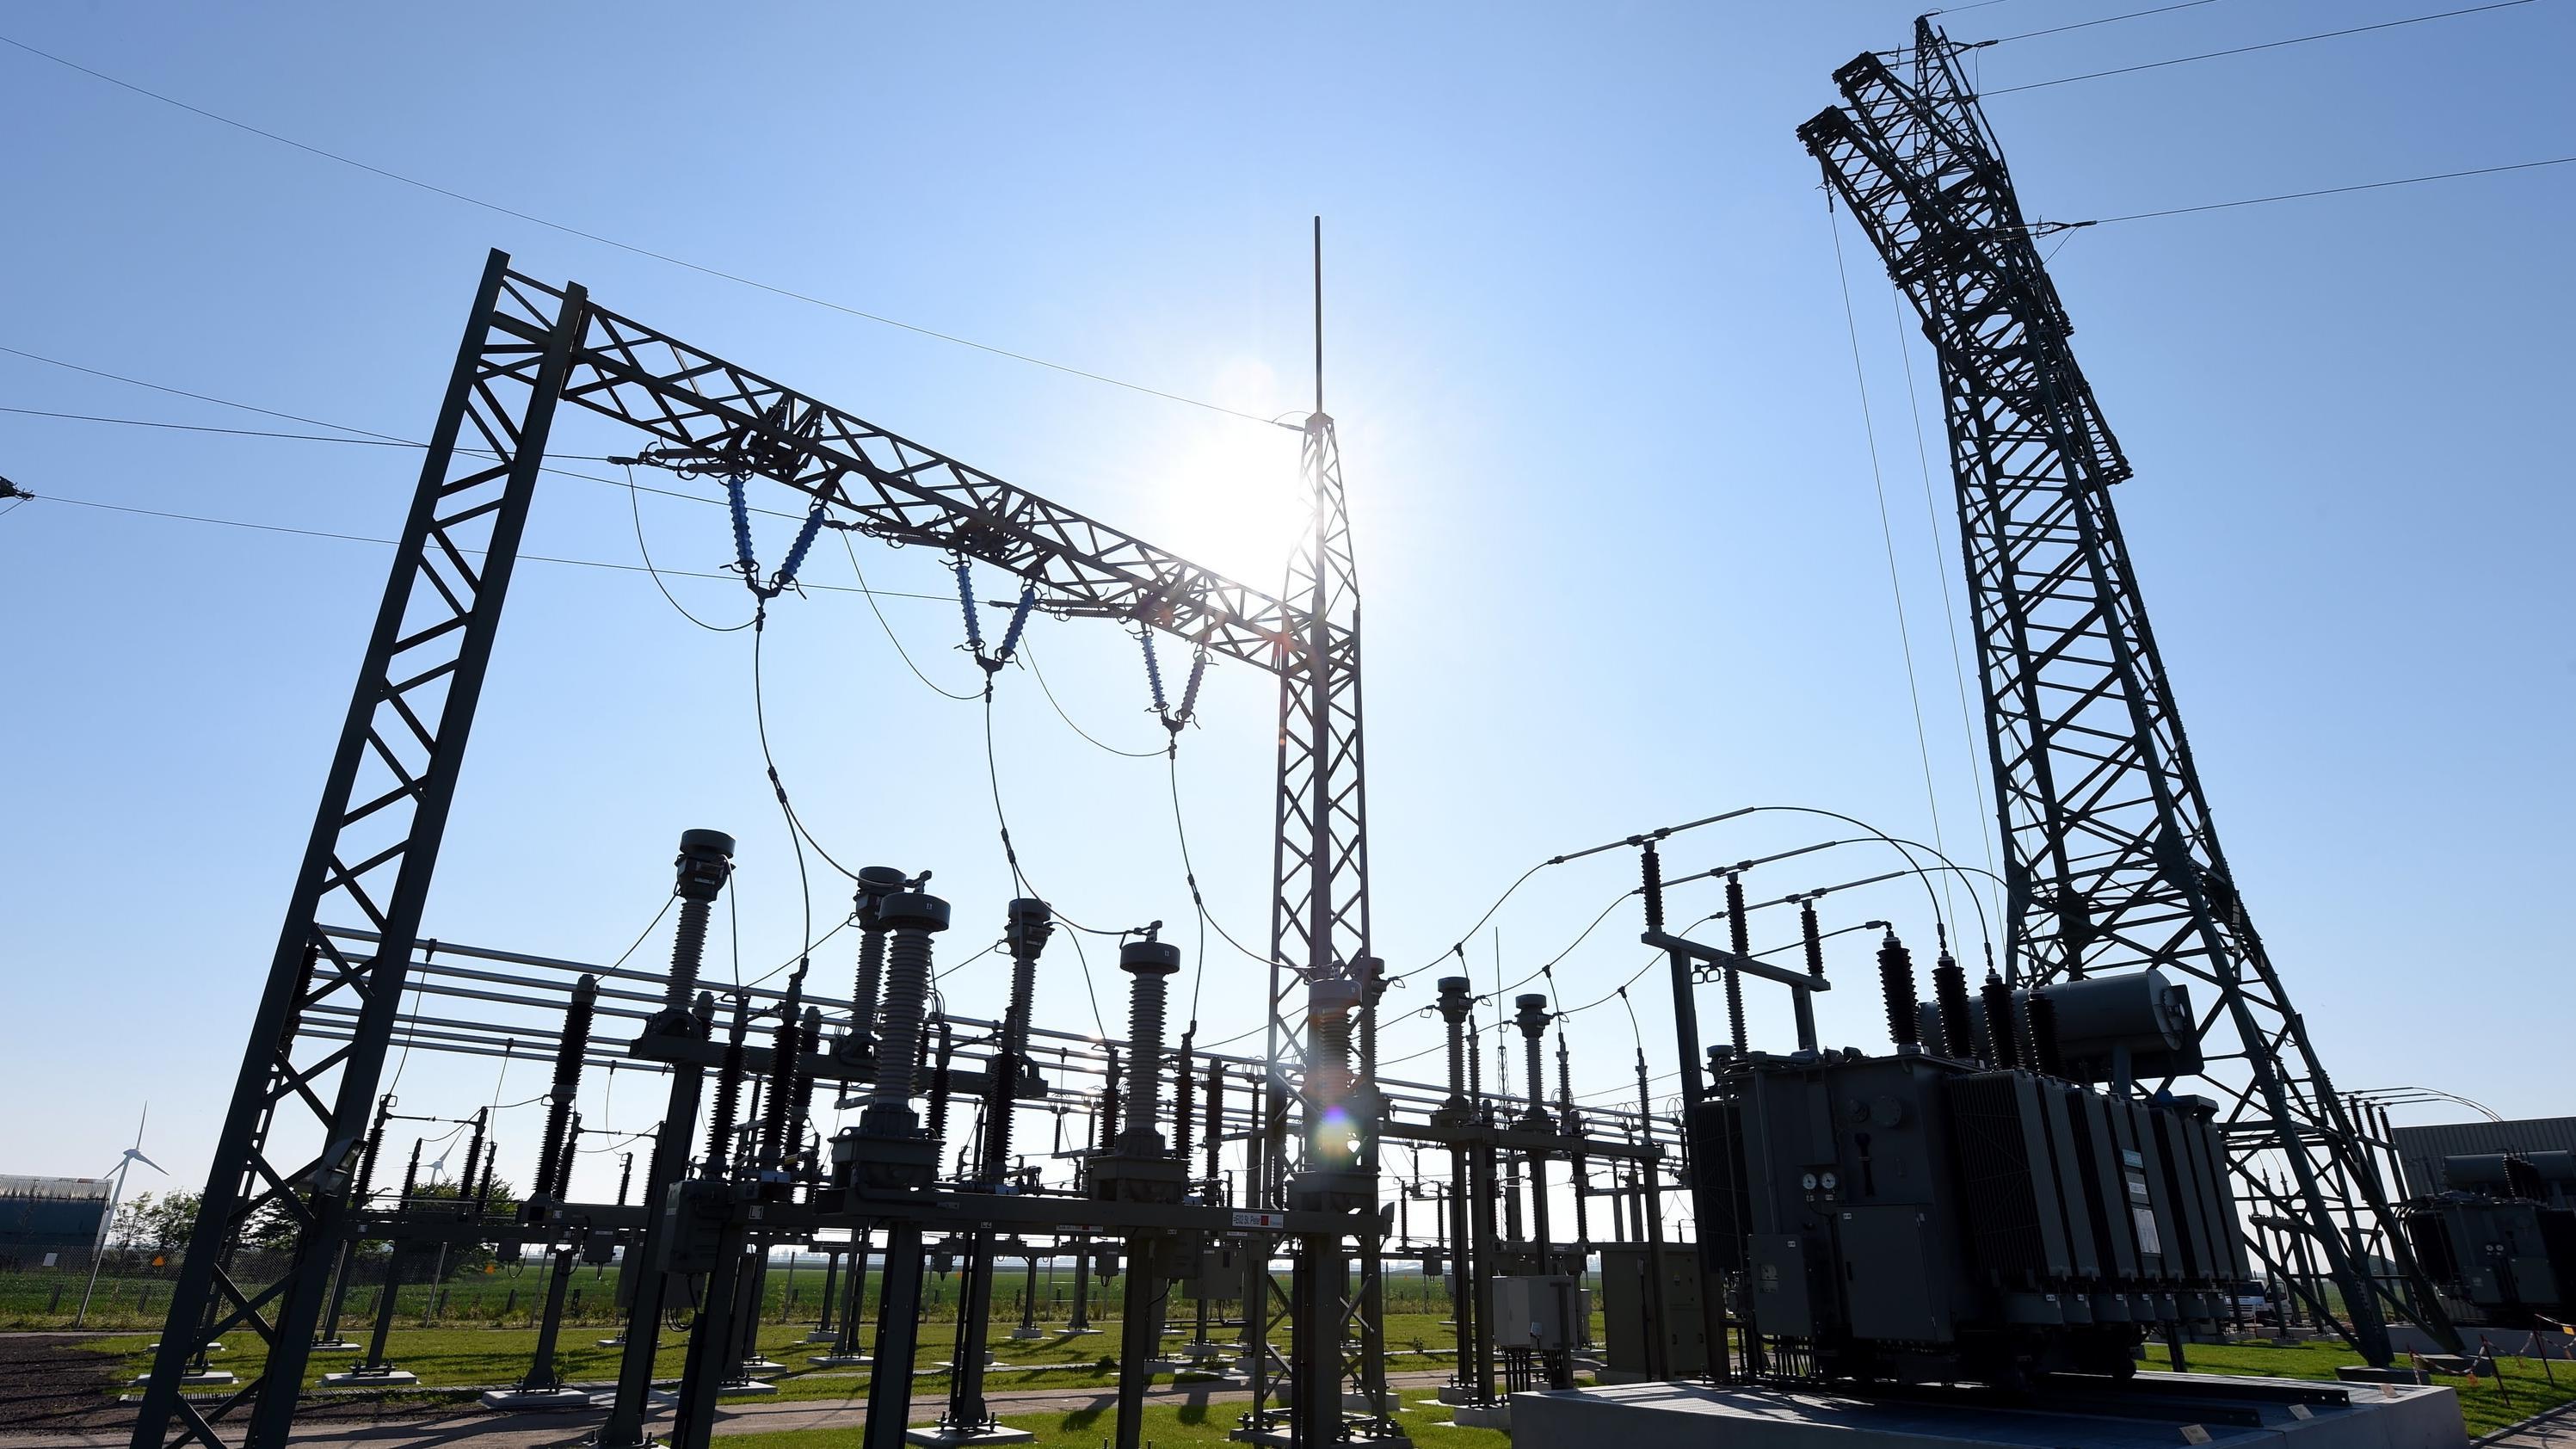 Umspannwerk mit Strommasten in Schleswig-Holstein